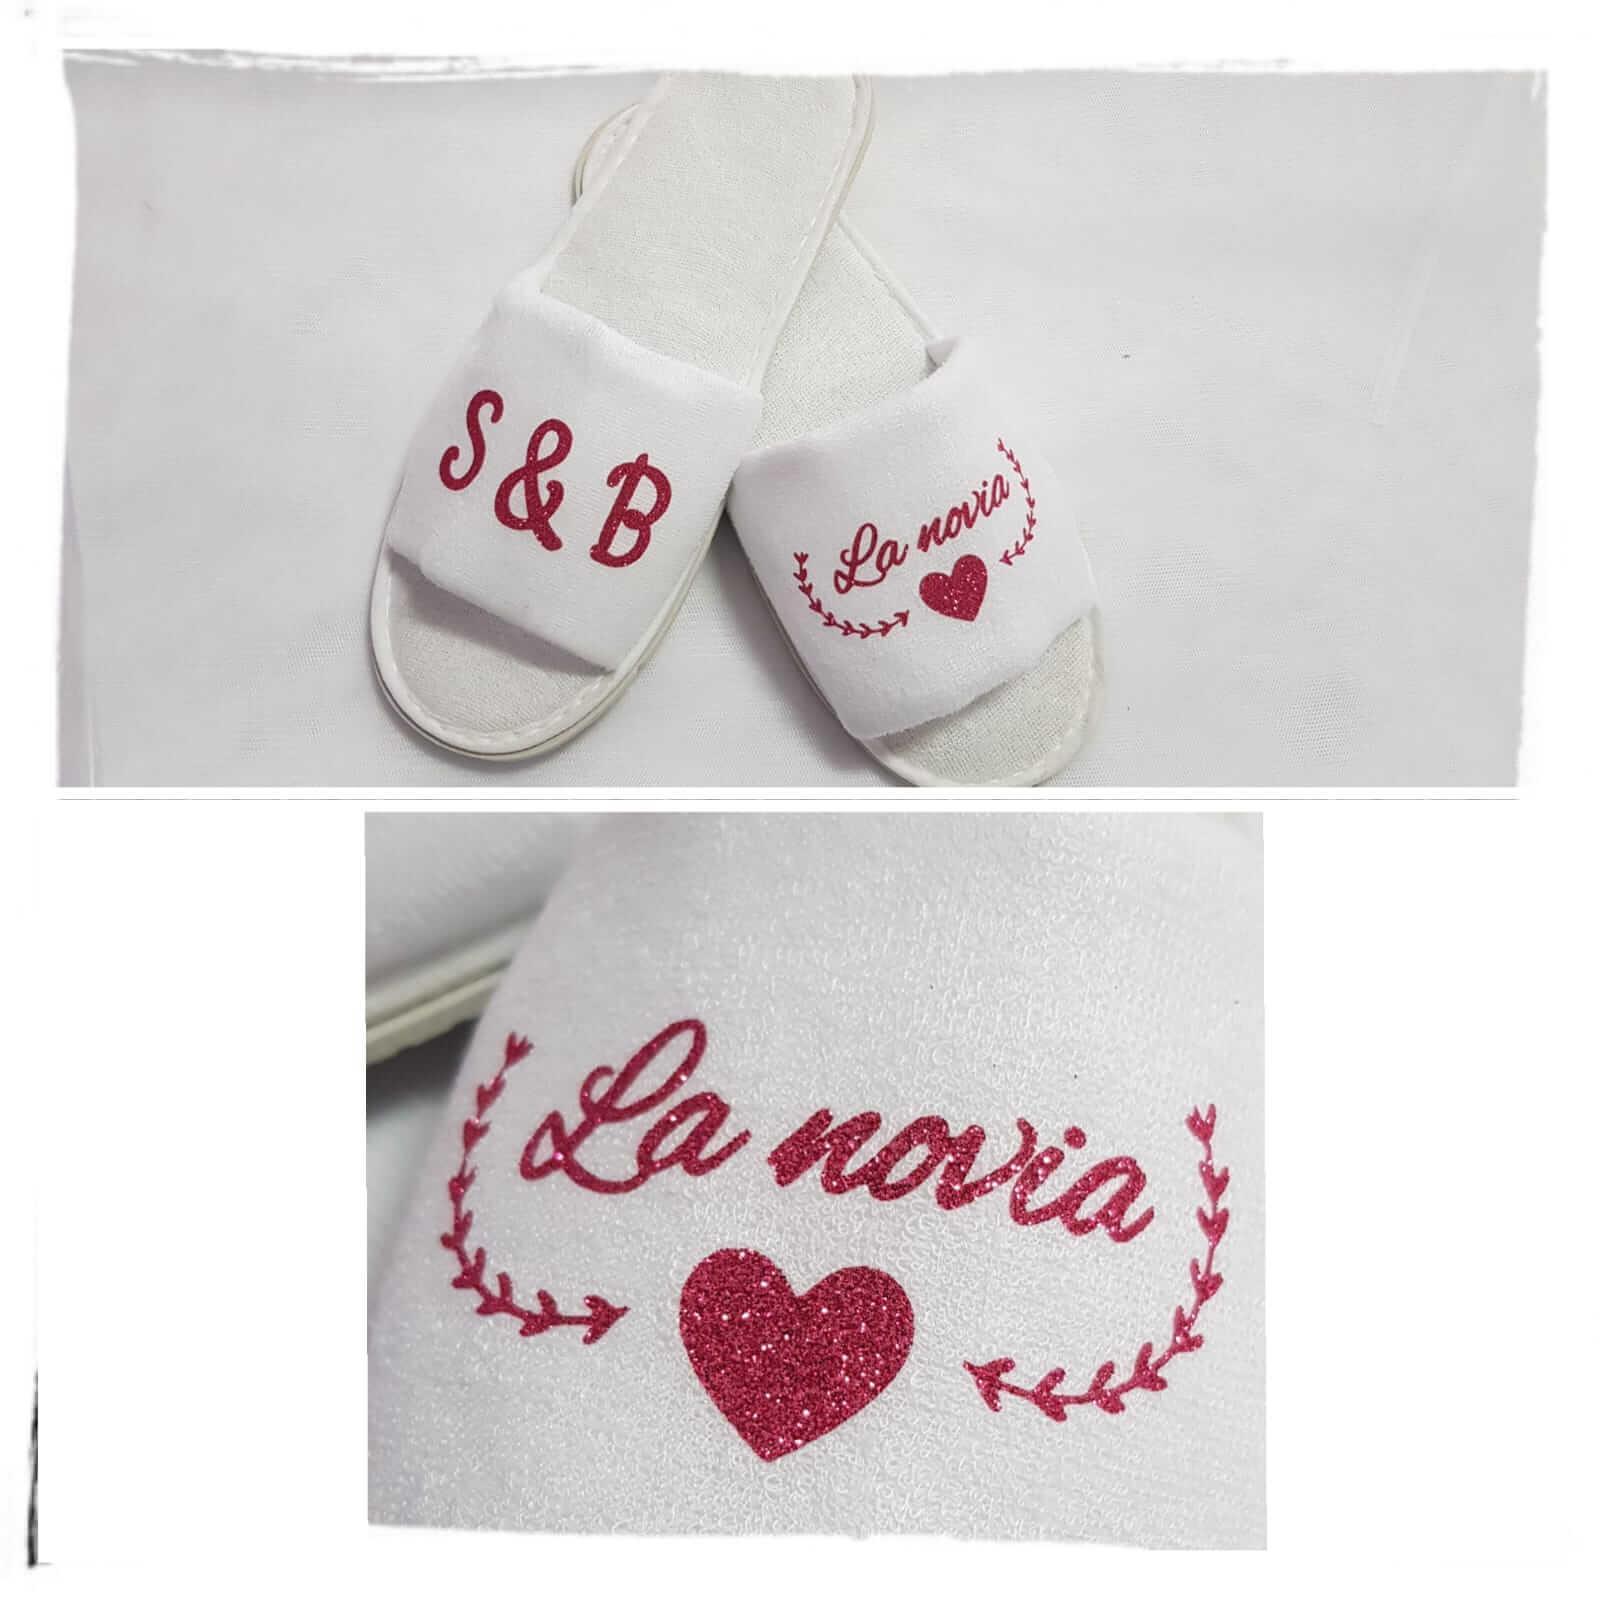 bata personalizada zapatillas personalizadas novia - Zapatillas Personalizadas - Zapatillas personalizadas novia | Zapatillas personalizadas boda